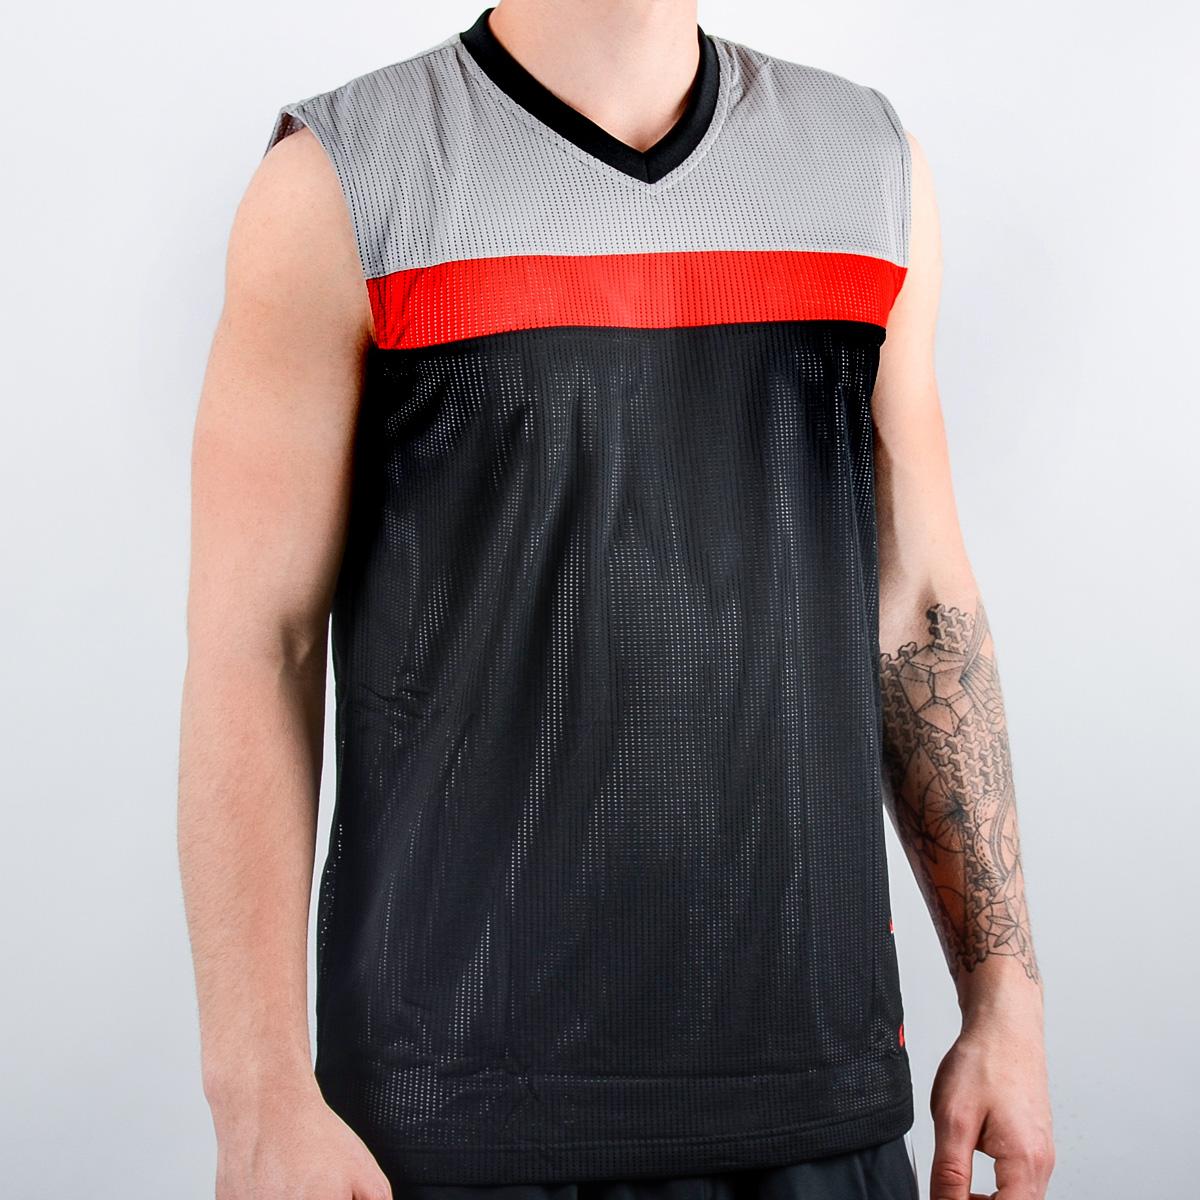 adidas NBA Houston Rockets Winter Hoops reversible jersey Last (Size S) - NBA  Shop Houston Rockets Merchandise - Superfanas.lt e68ea1e5f